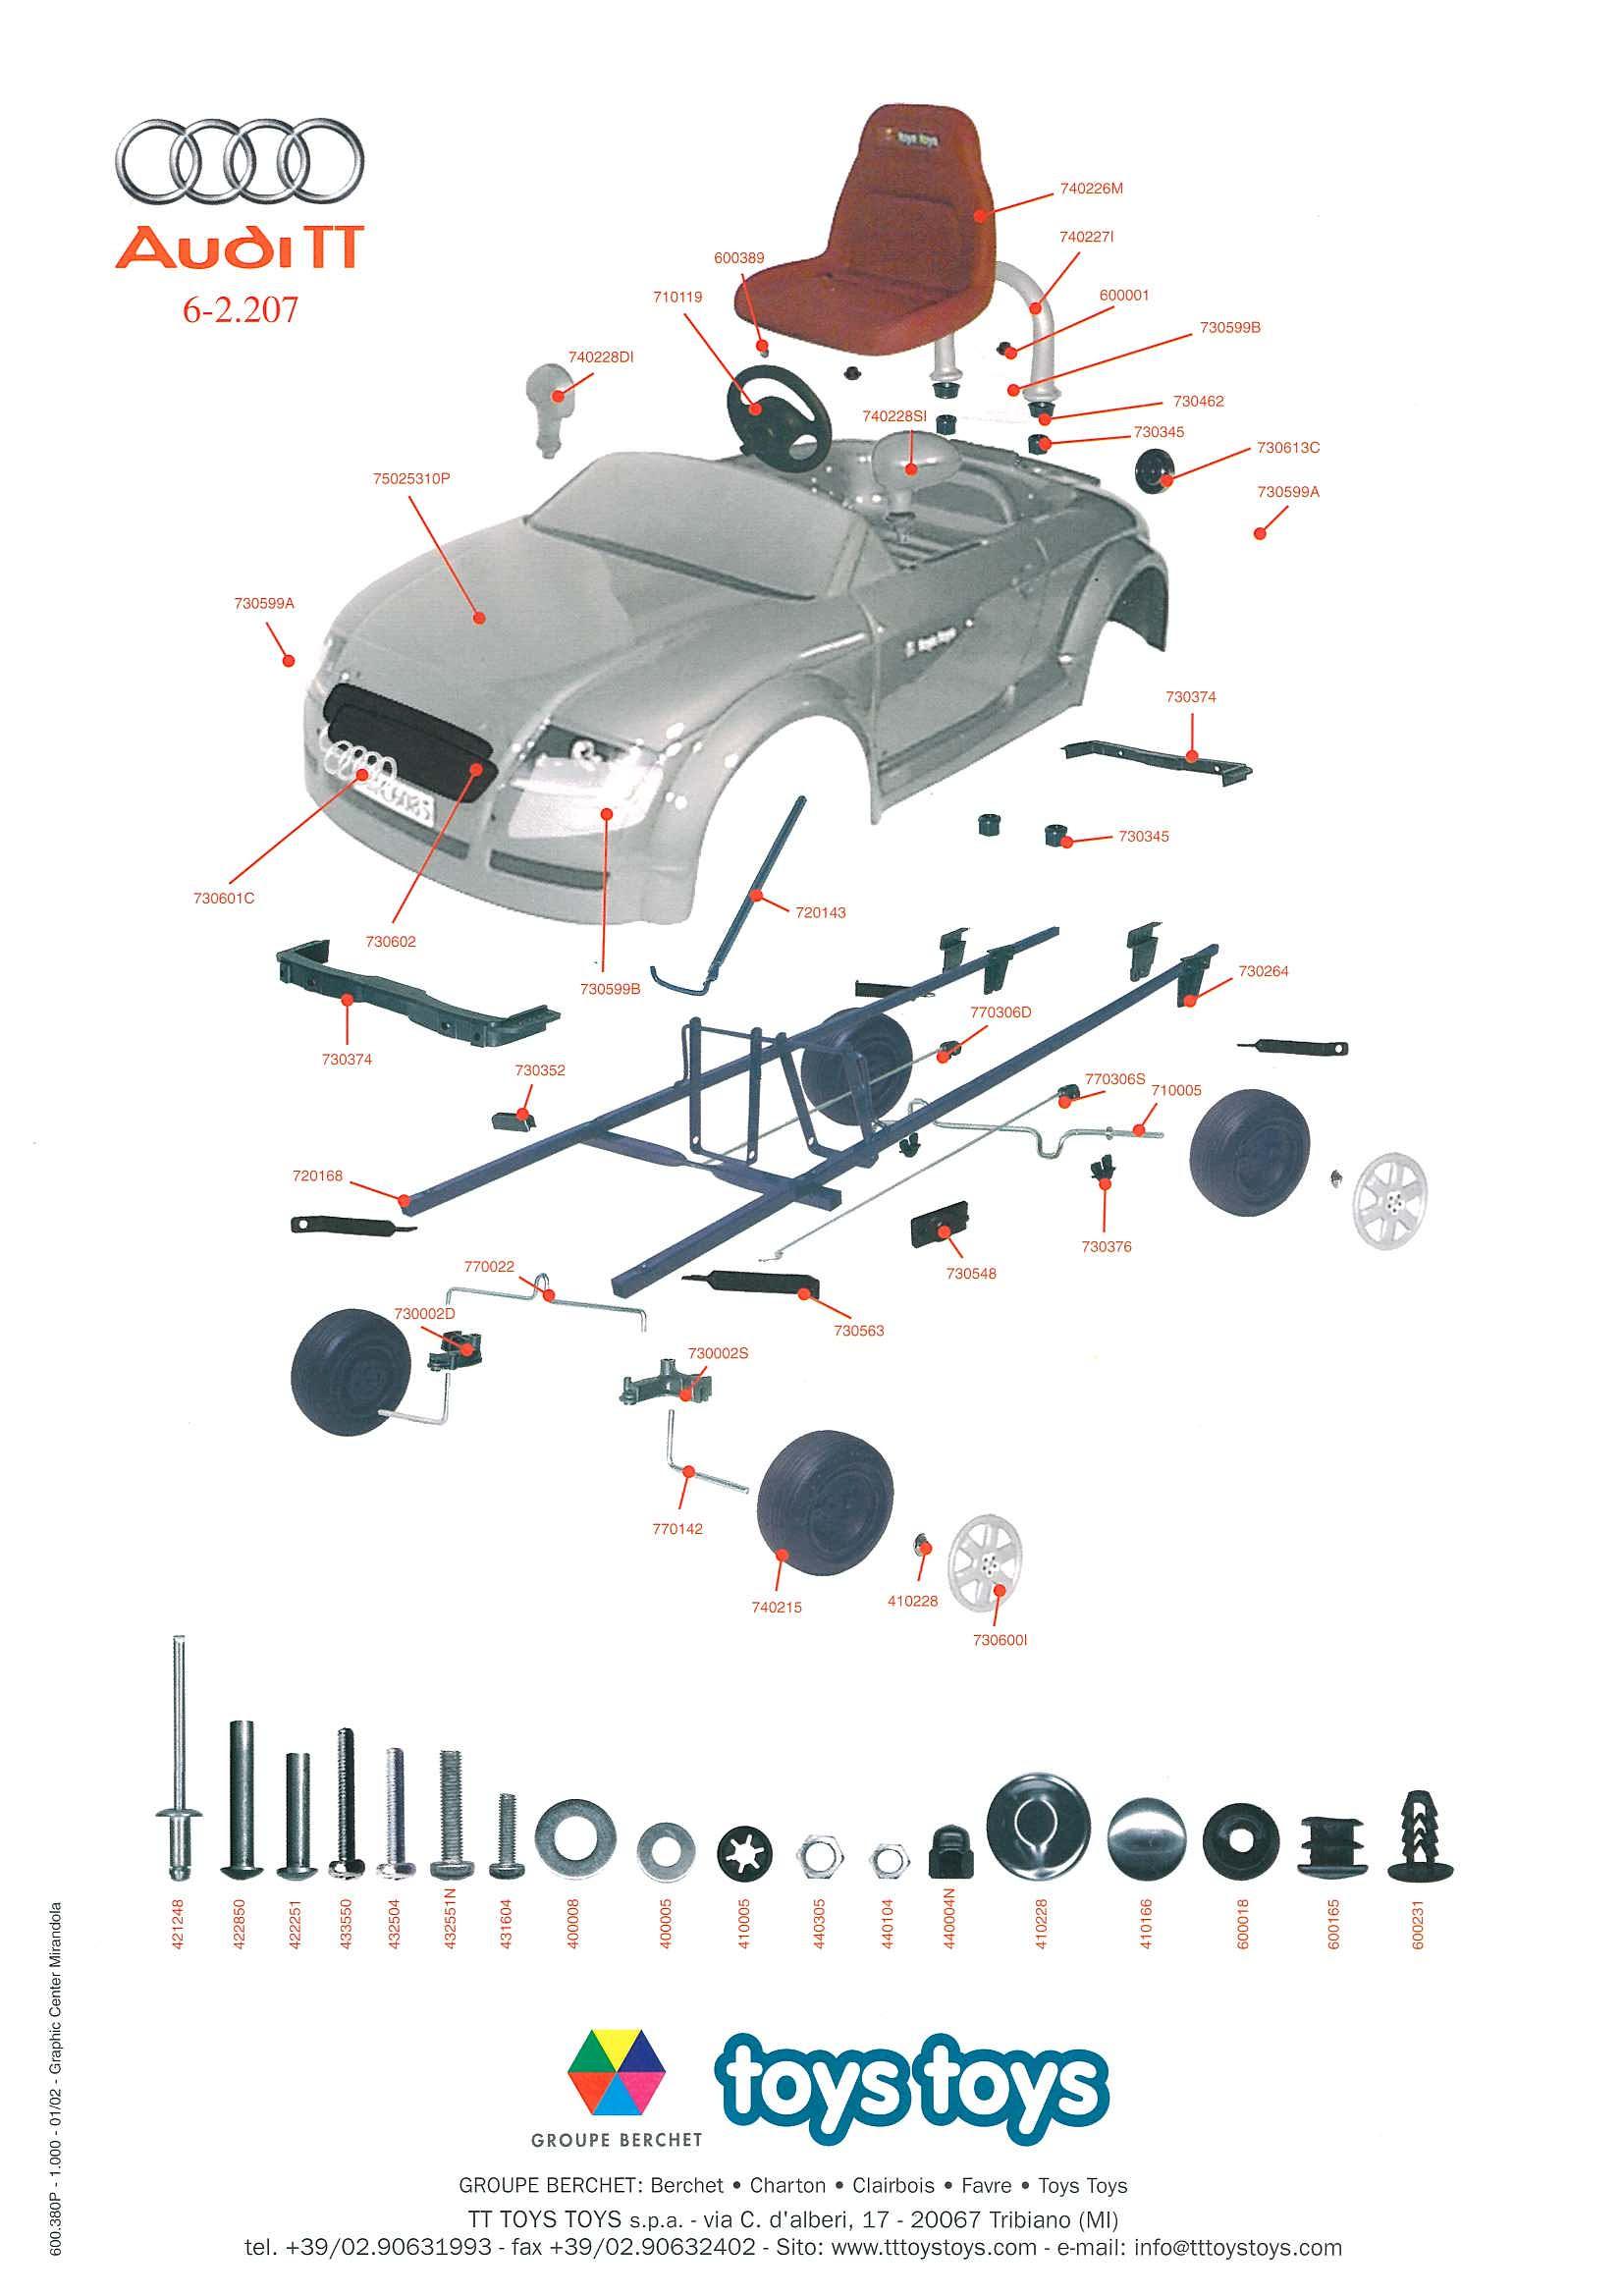 2001 Audi A4 Parts Diagram